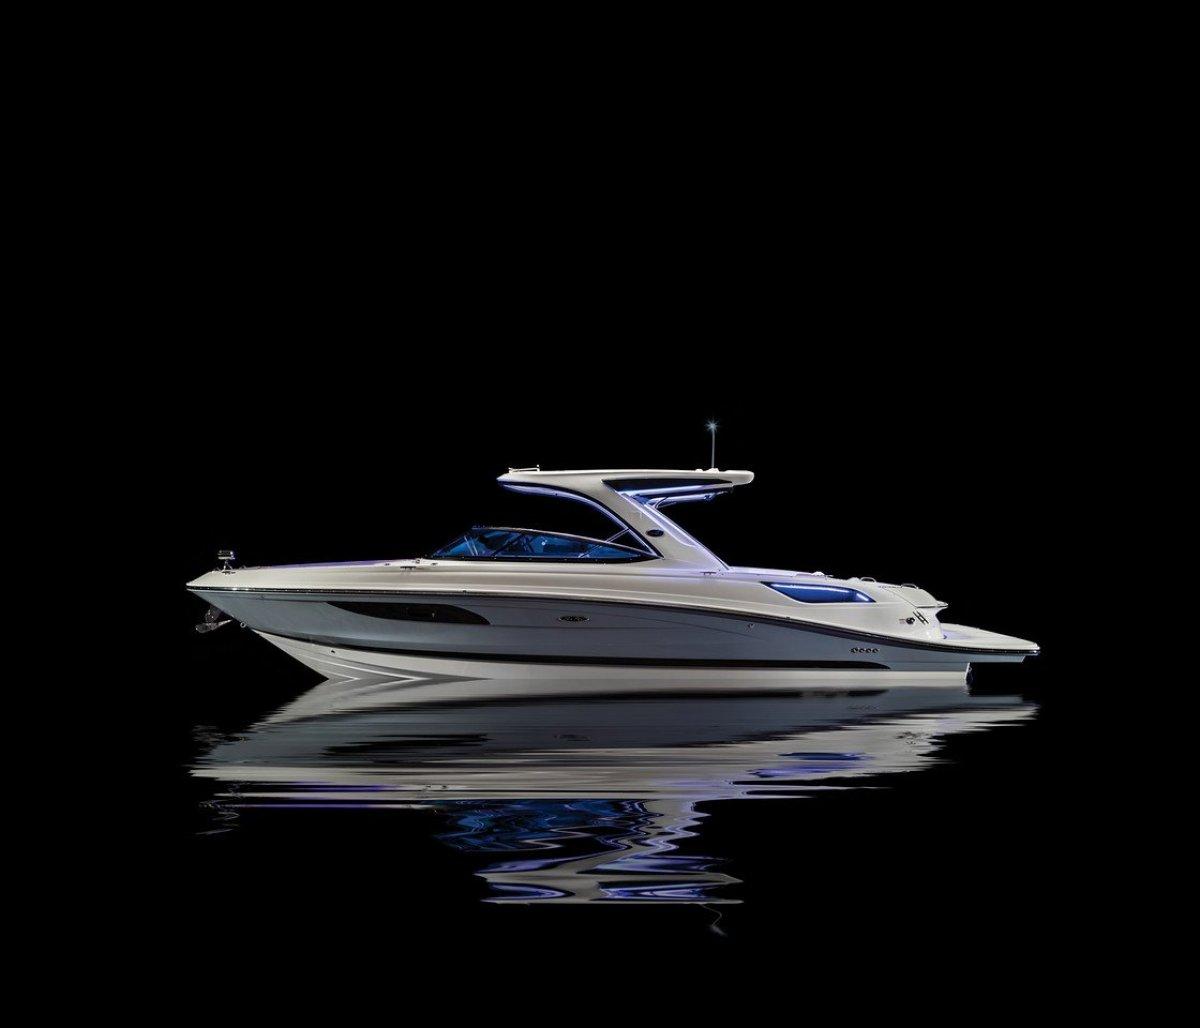 Sea Ray 350 SLX Bowrider